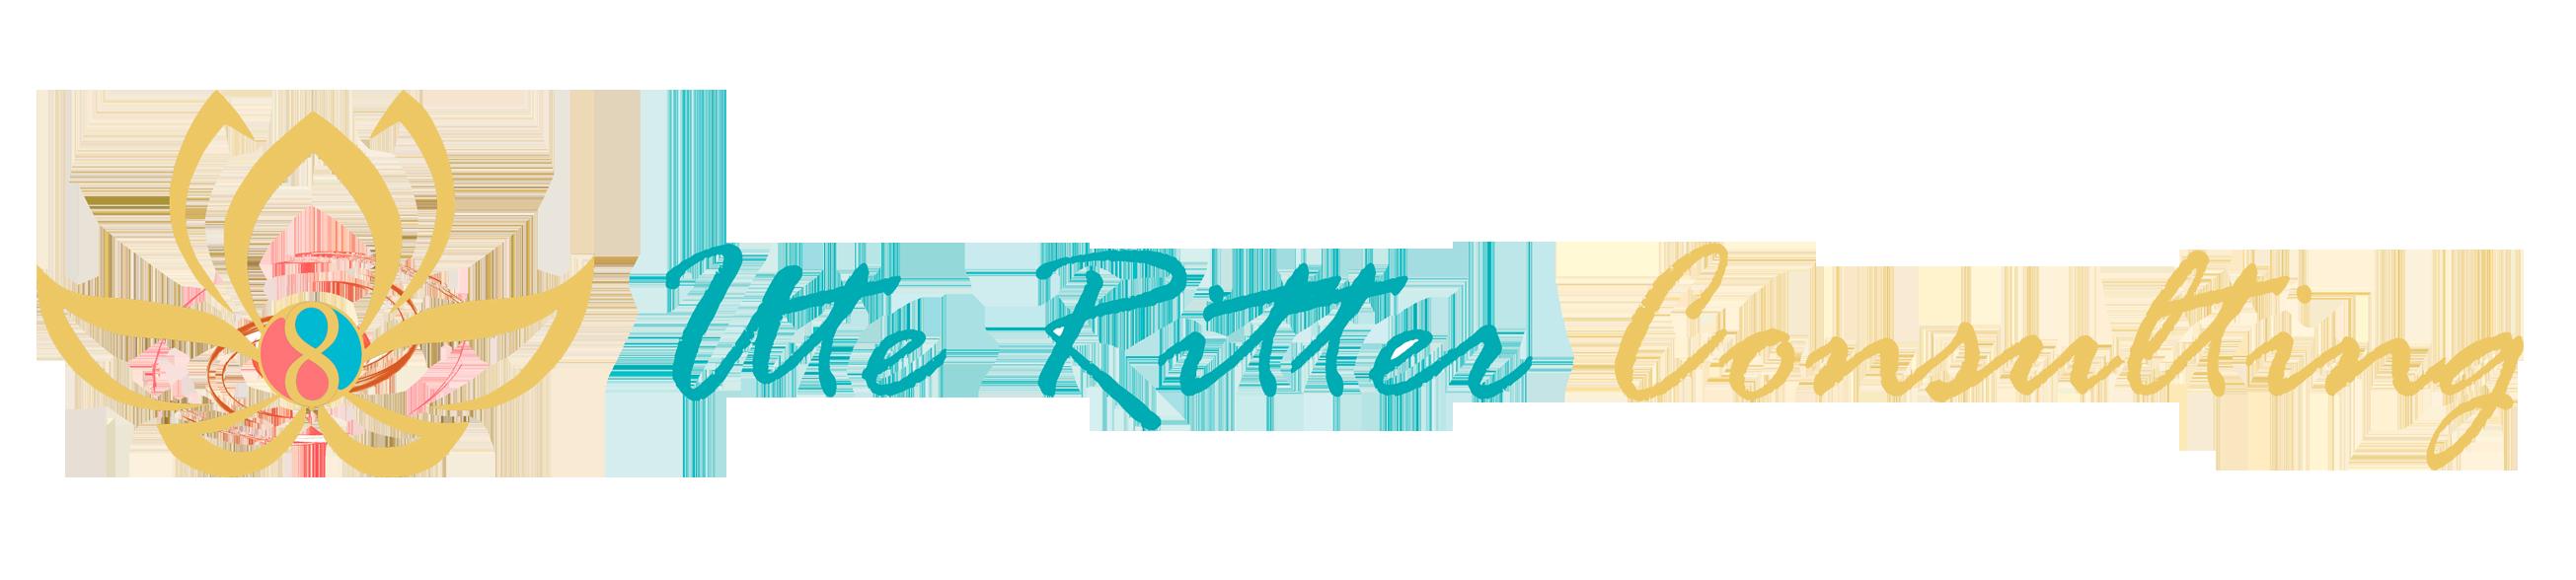 Ute Ritter Consulting - sinnerfüllt leben